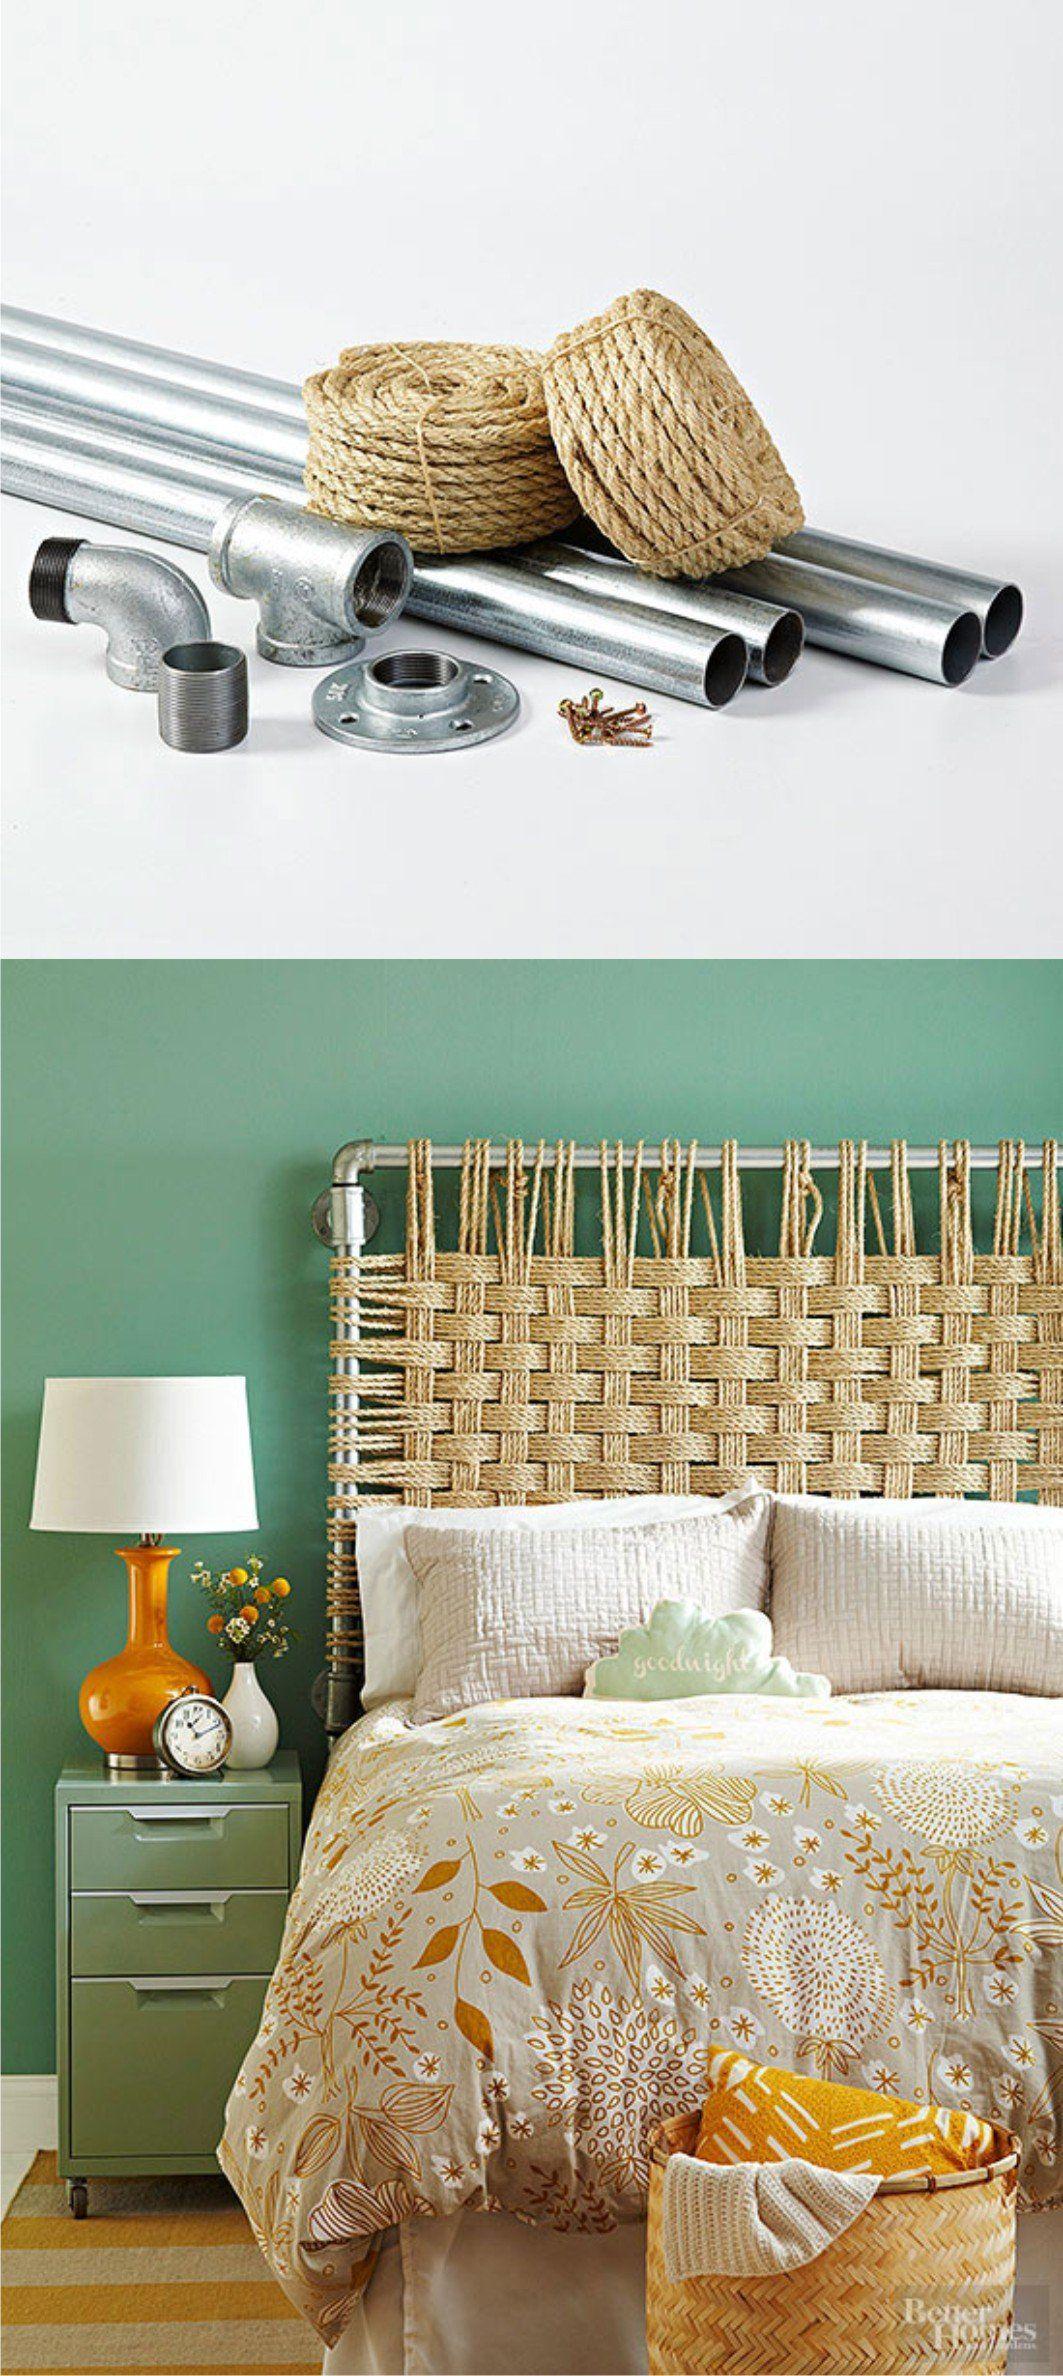 Cabecero DIY con tubos y cuerda | Pinterest | Cabecero, Cuerdas y Cuerda